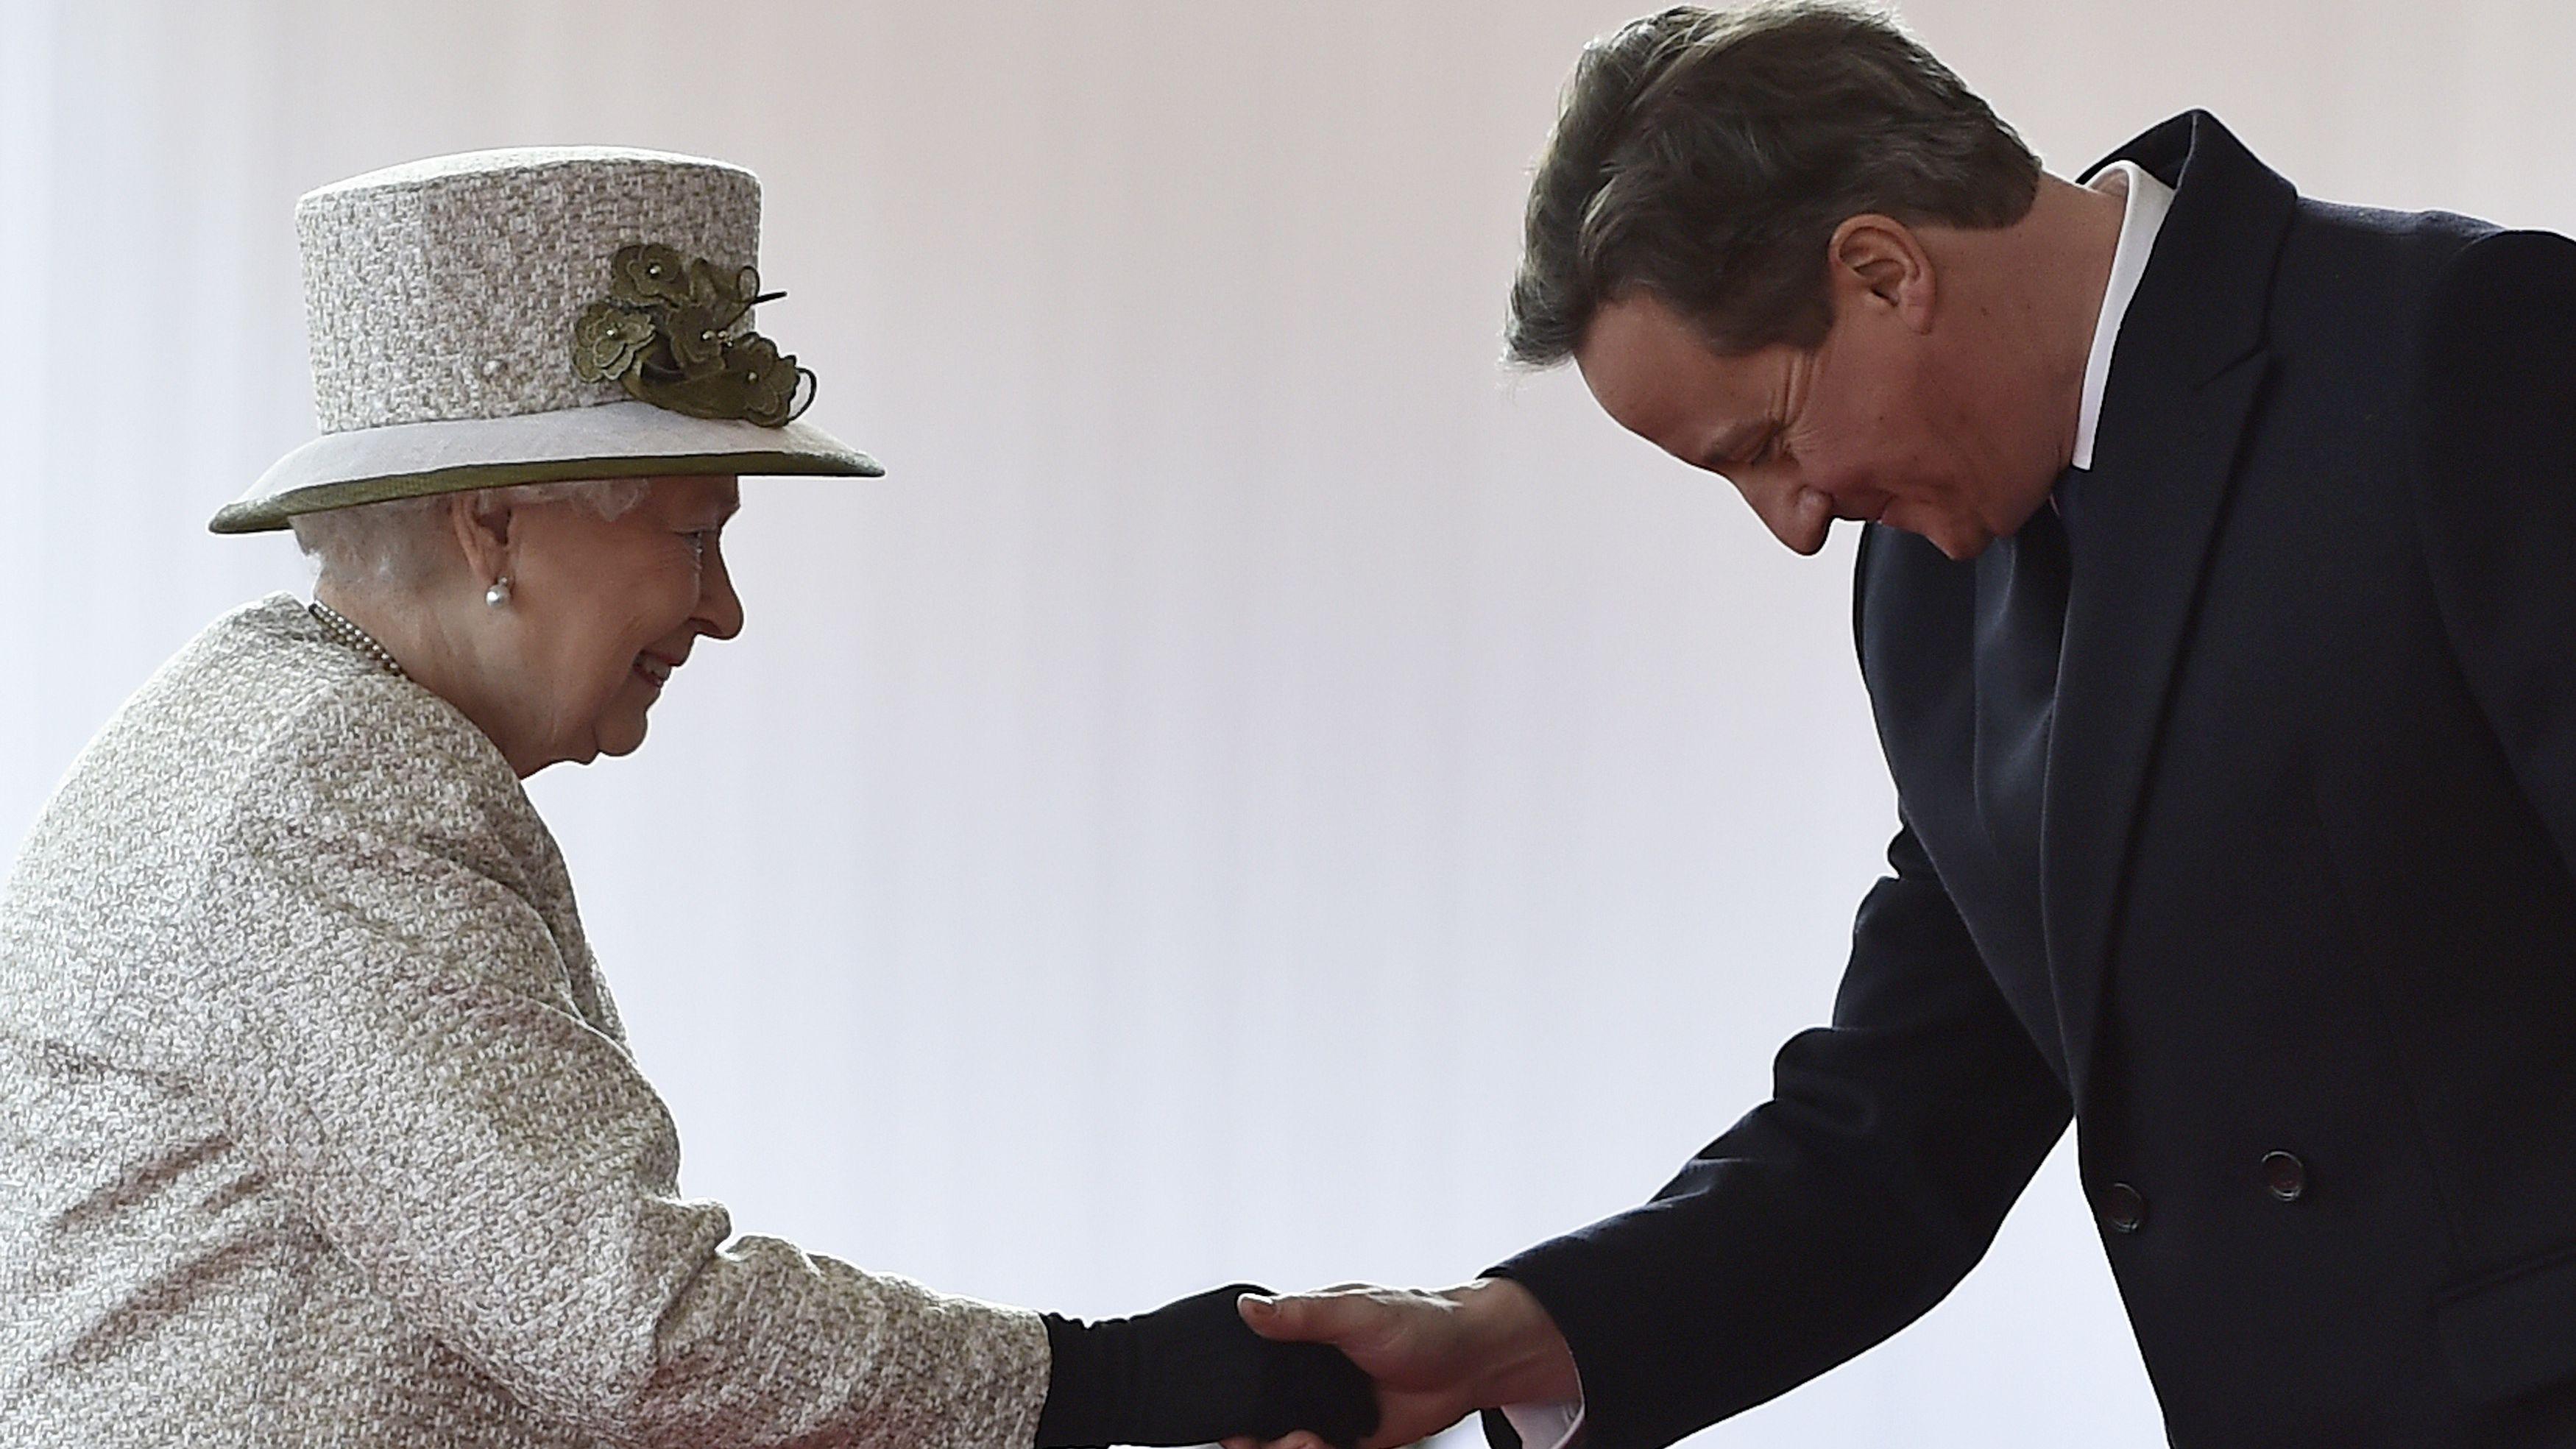 Queen Elizabeth David Cameron bow